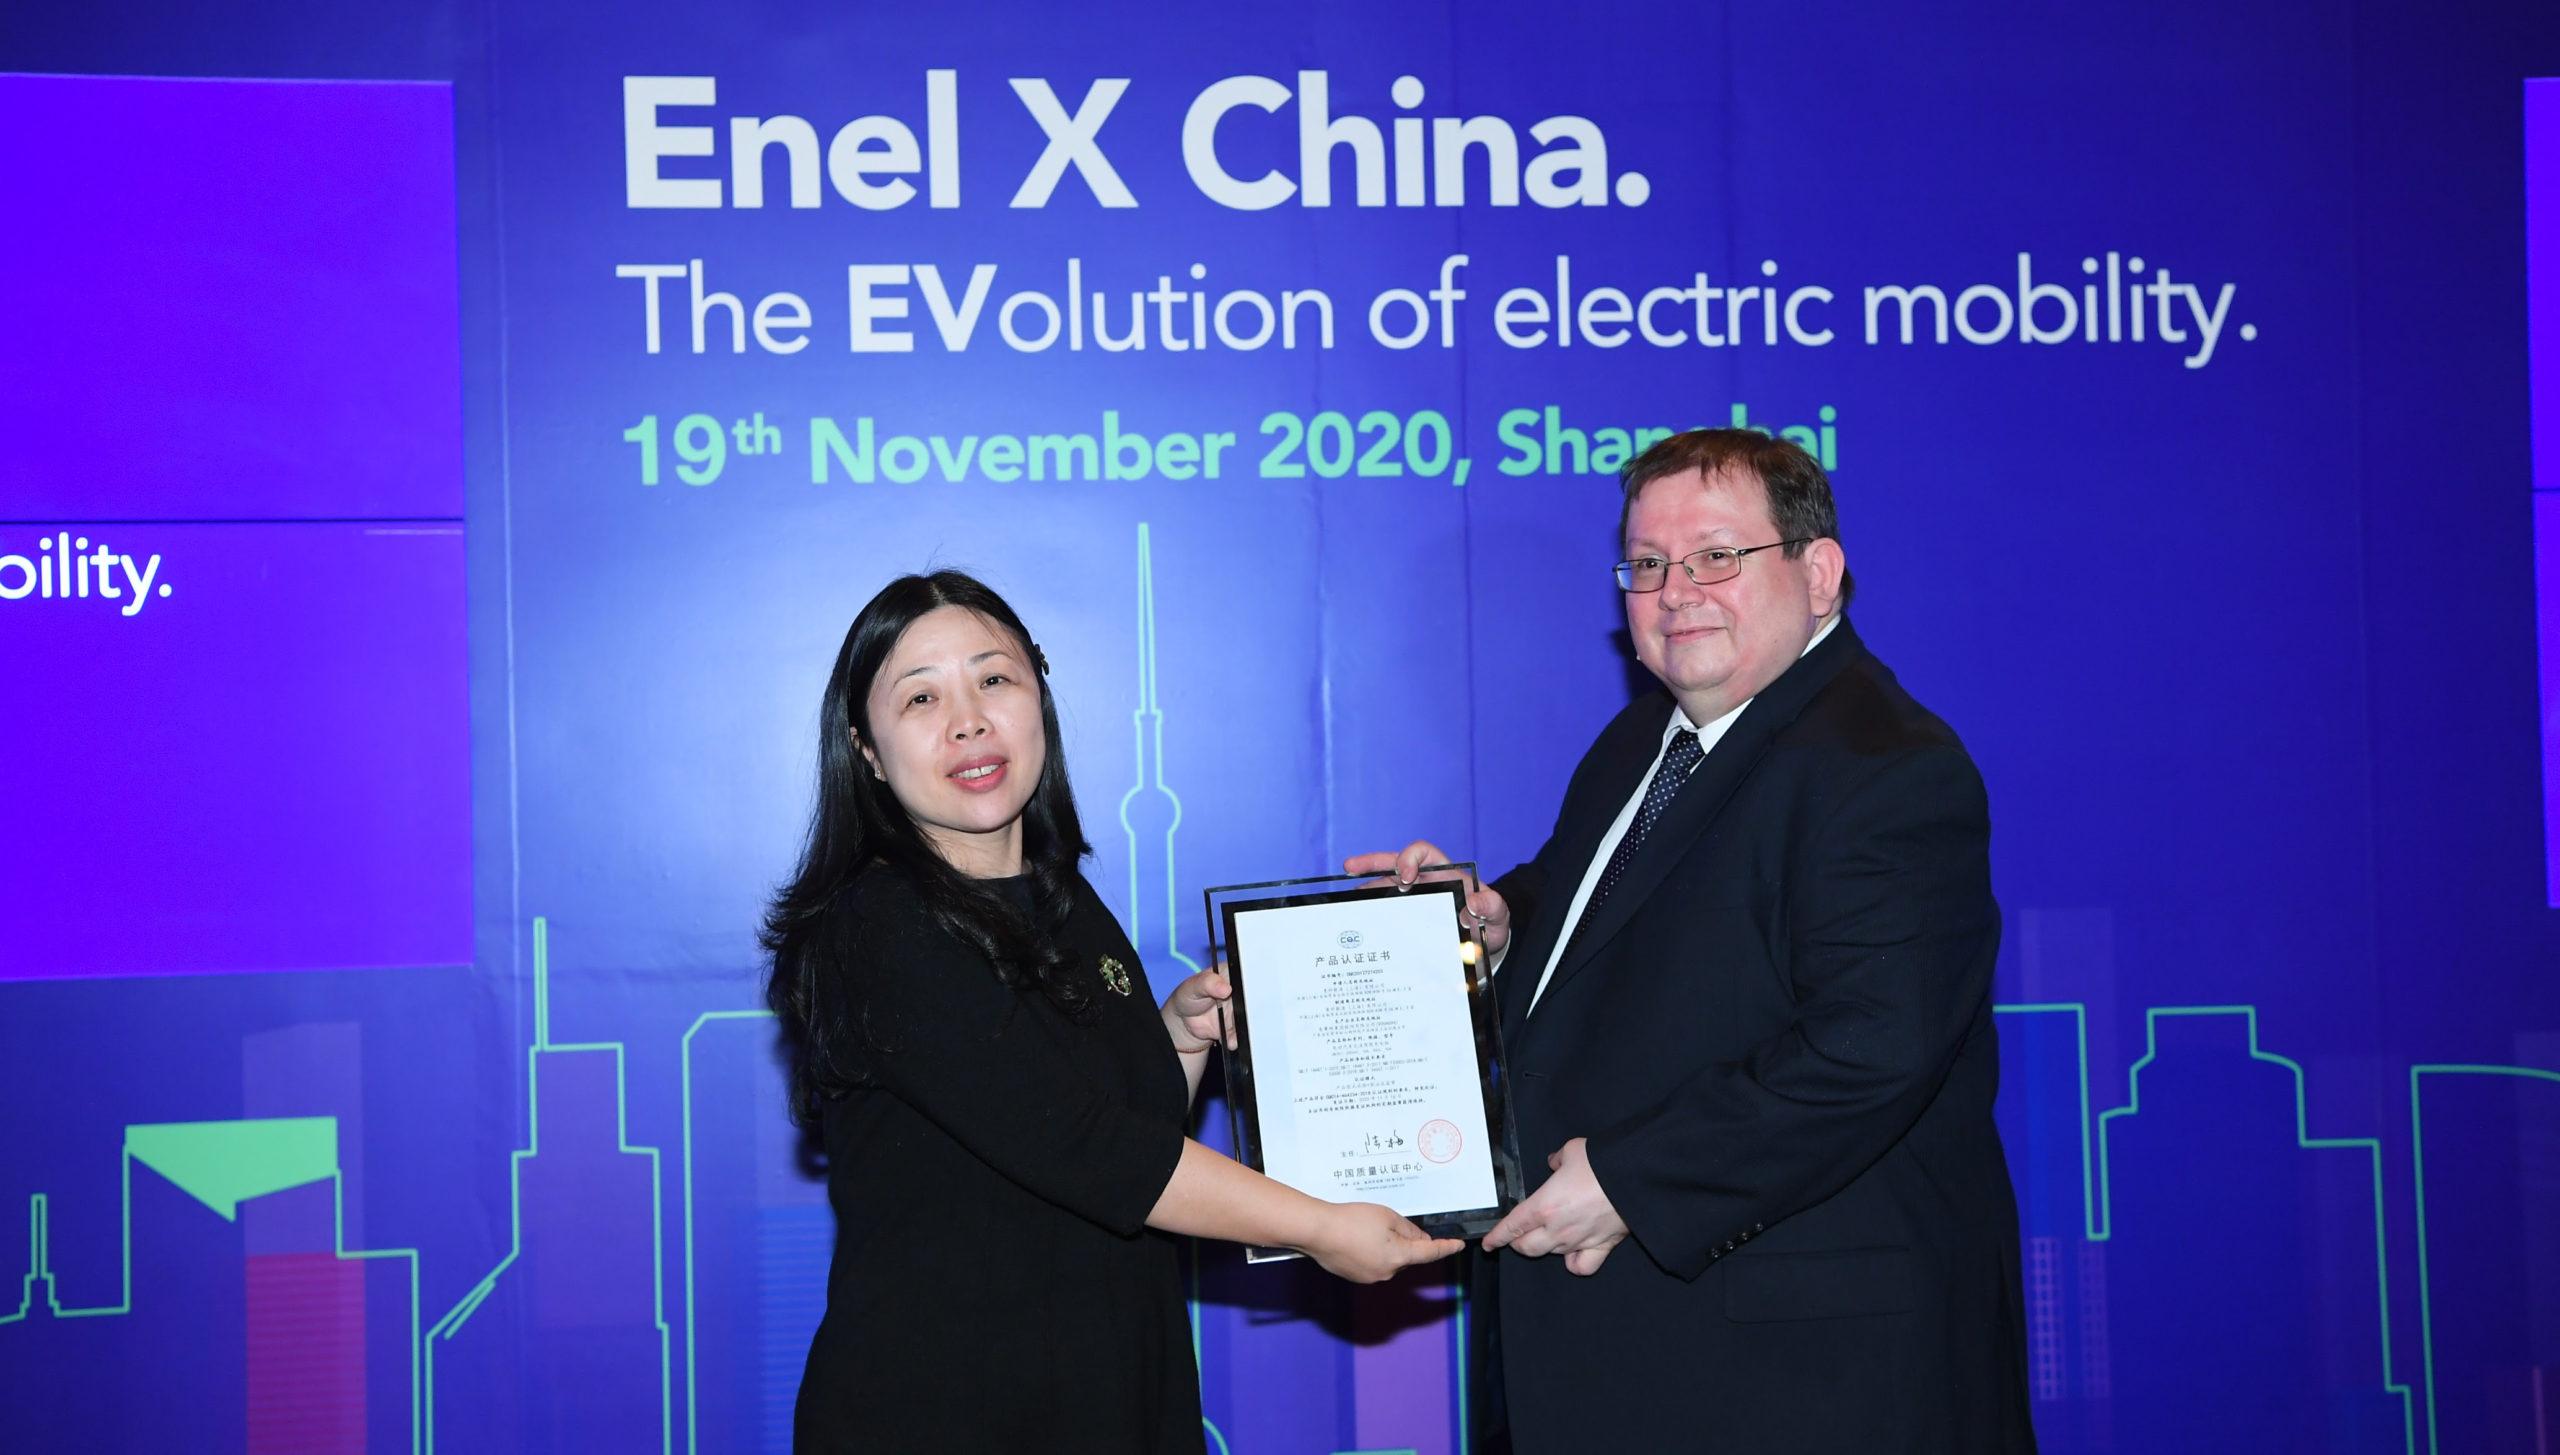 Enel x lanza sus servicios de movilidad eléctrica en china